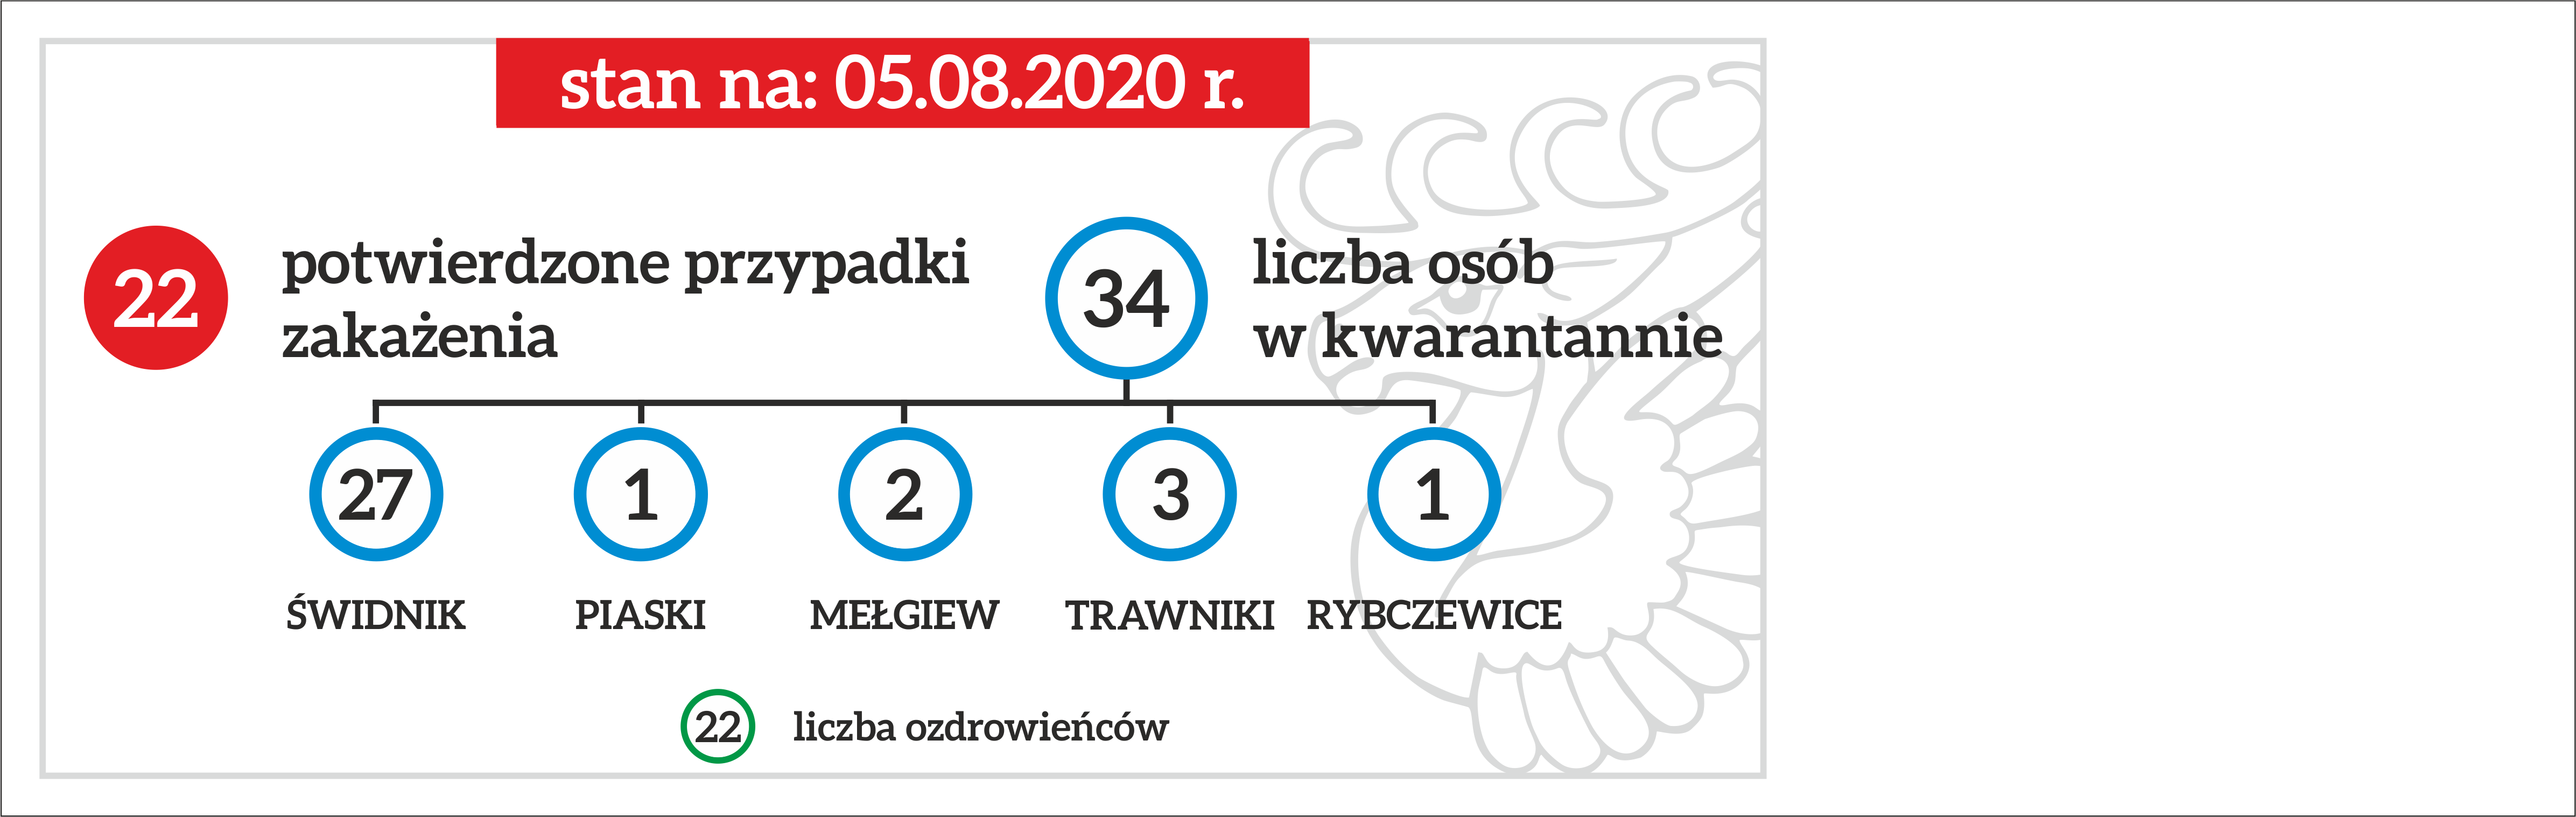 Koronawirus: statystyki